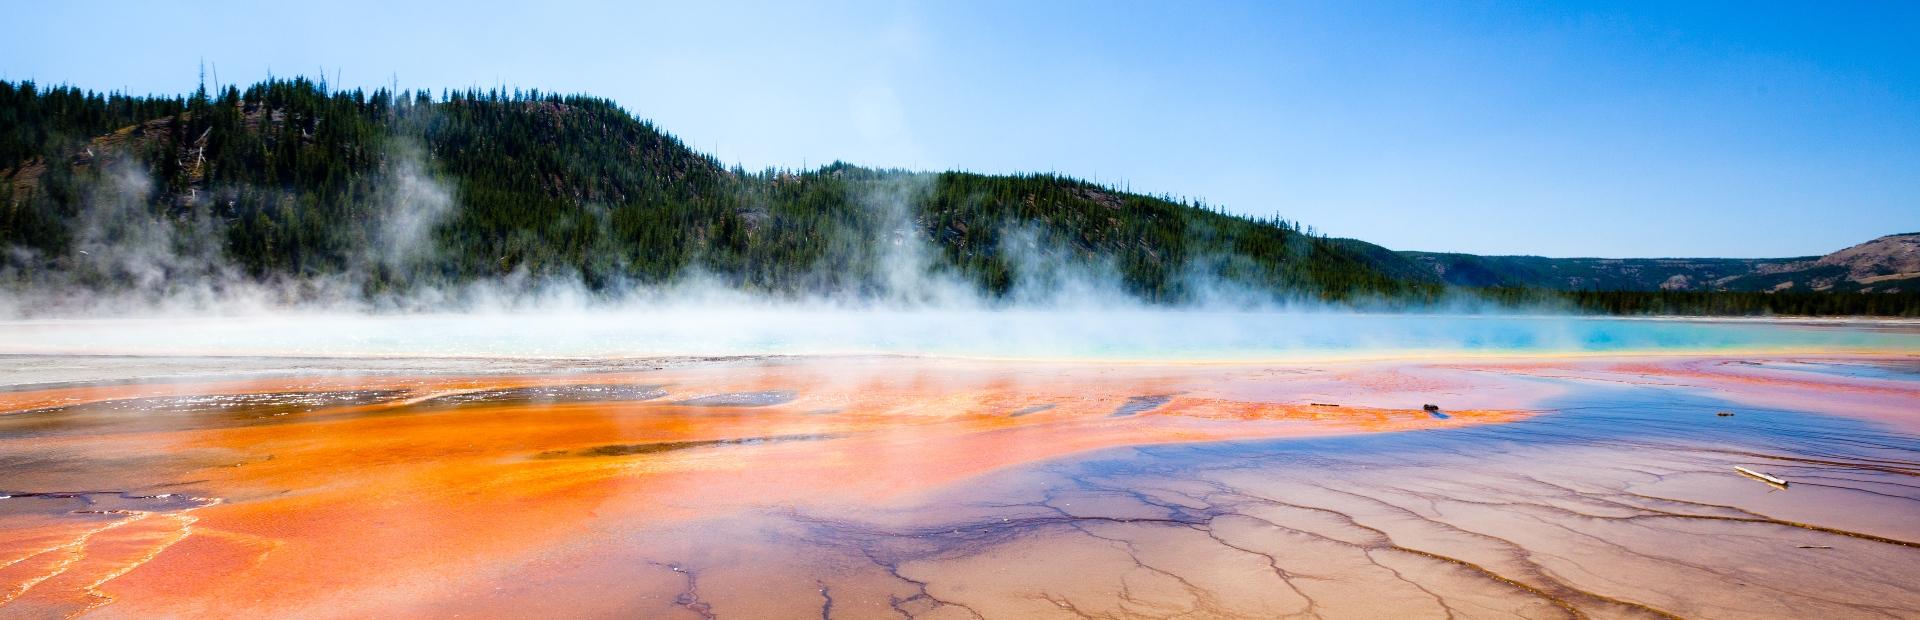 Yellowstone-Amerika